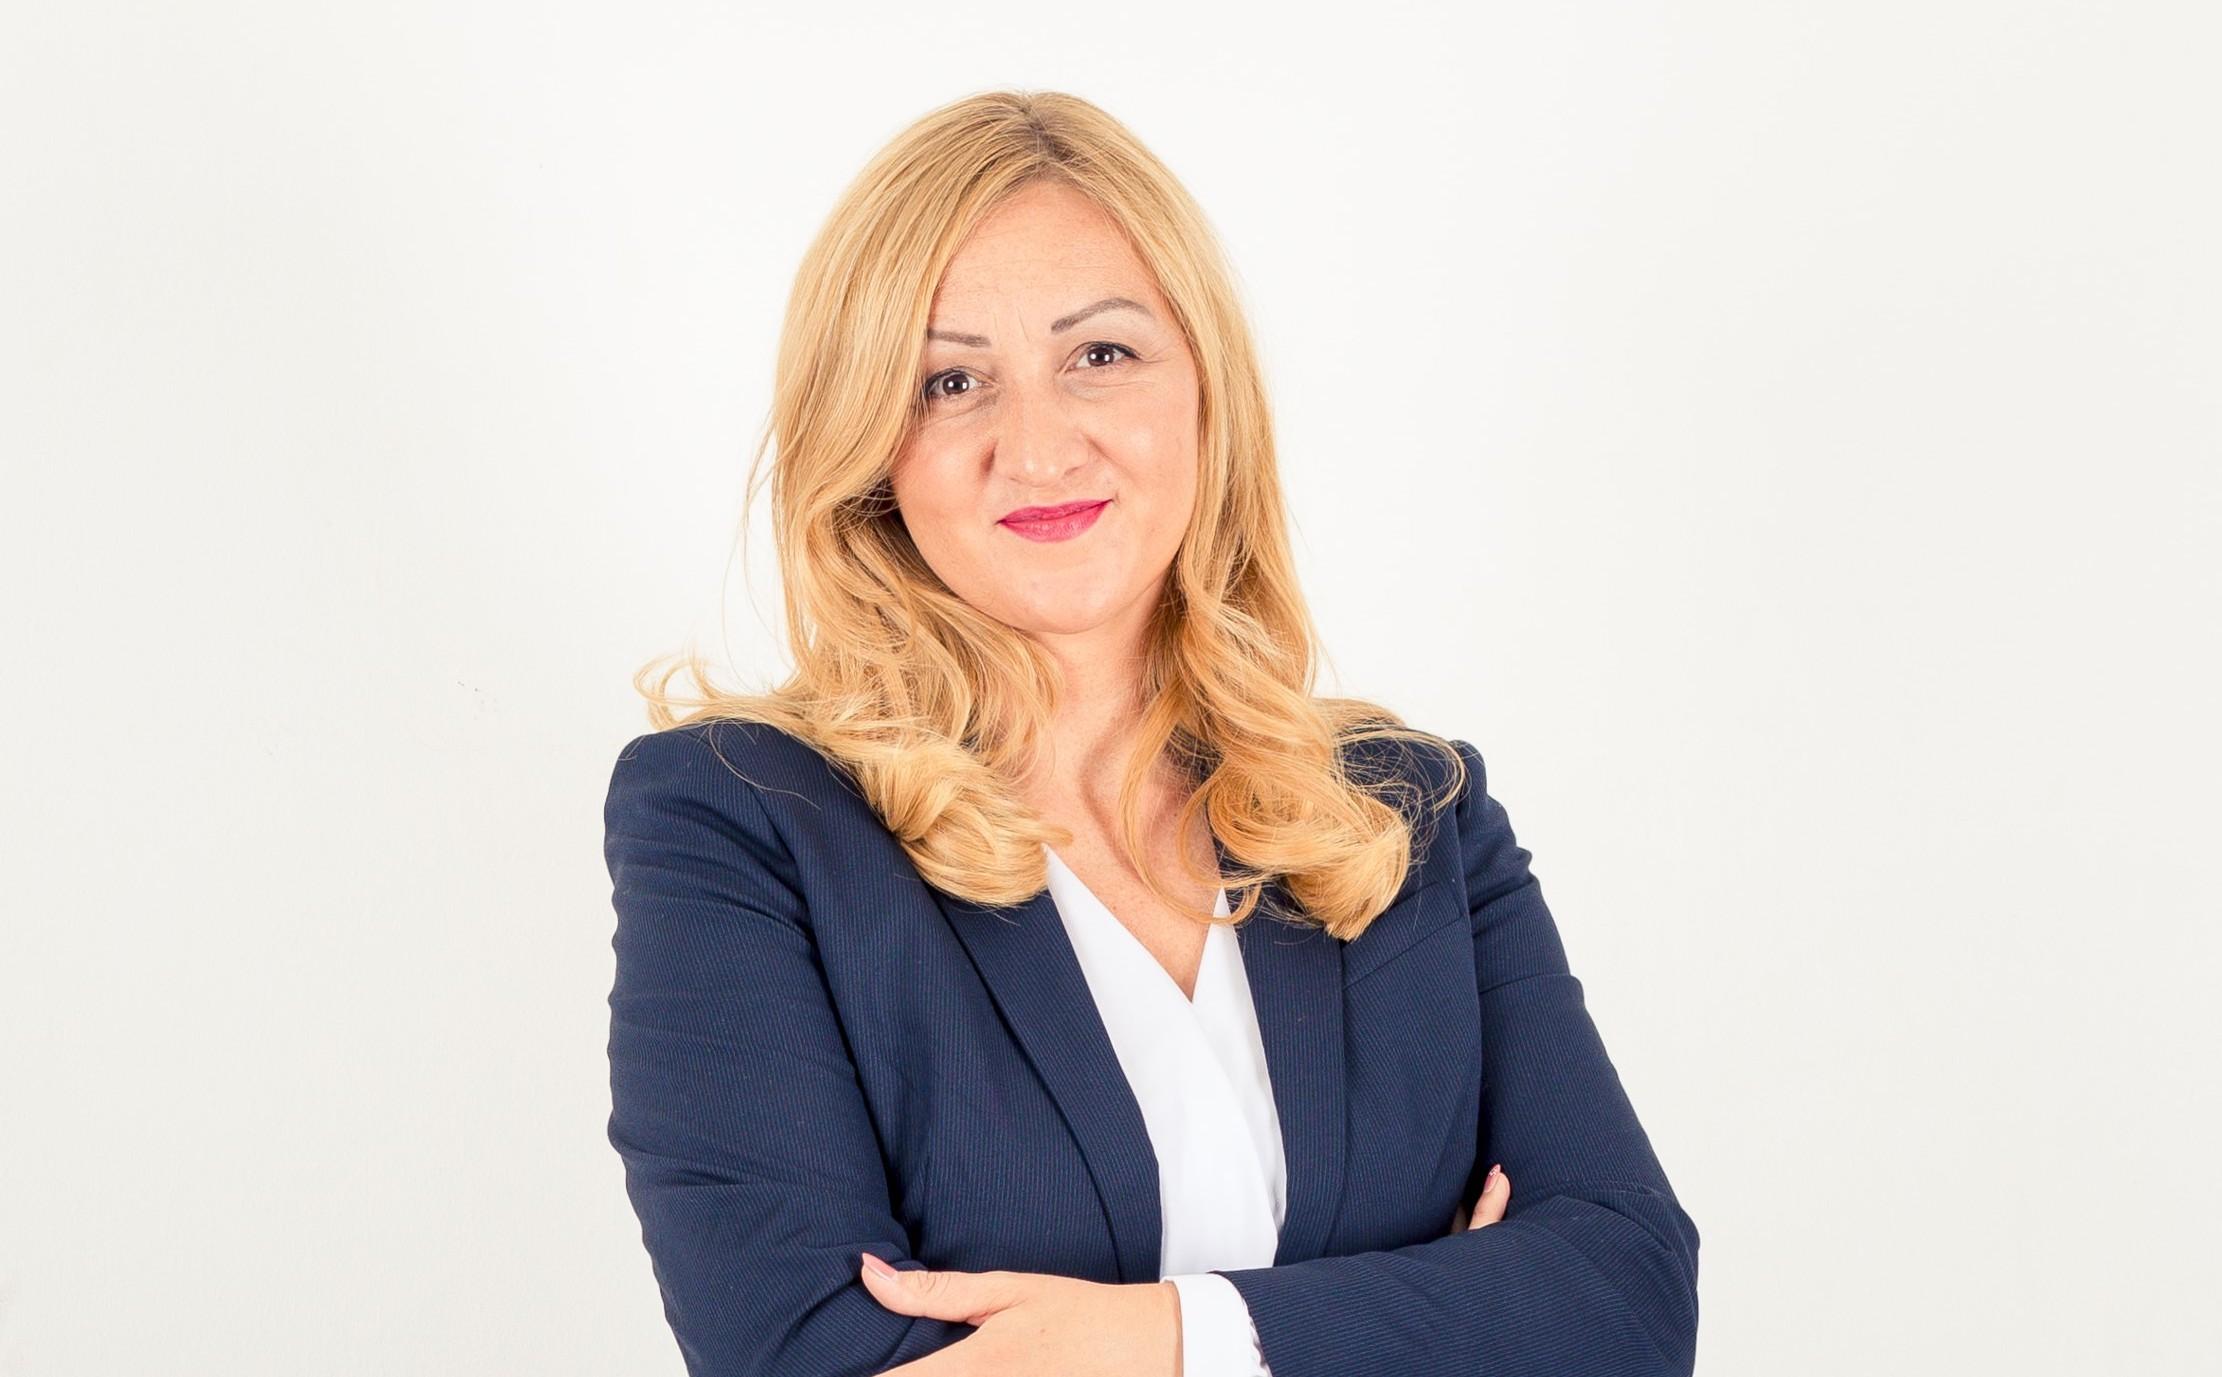 DIE BASIS BIST DU SELBST – Özlem Yildiz: Expertin für Unternehmertum